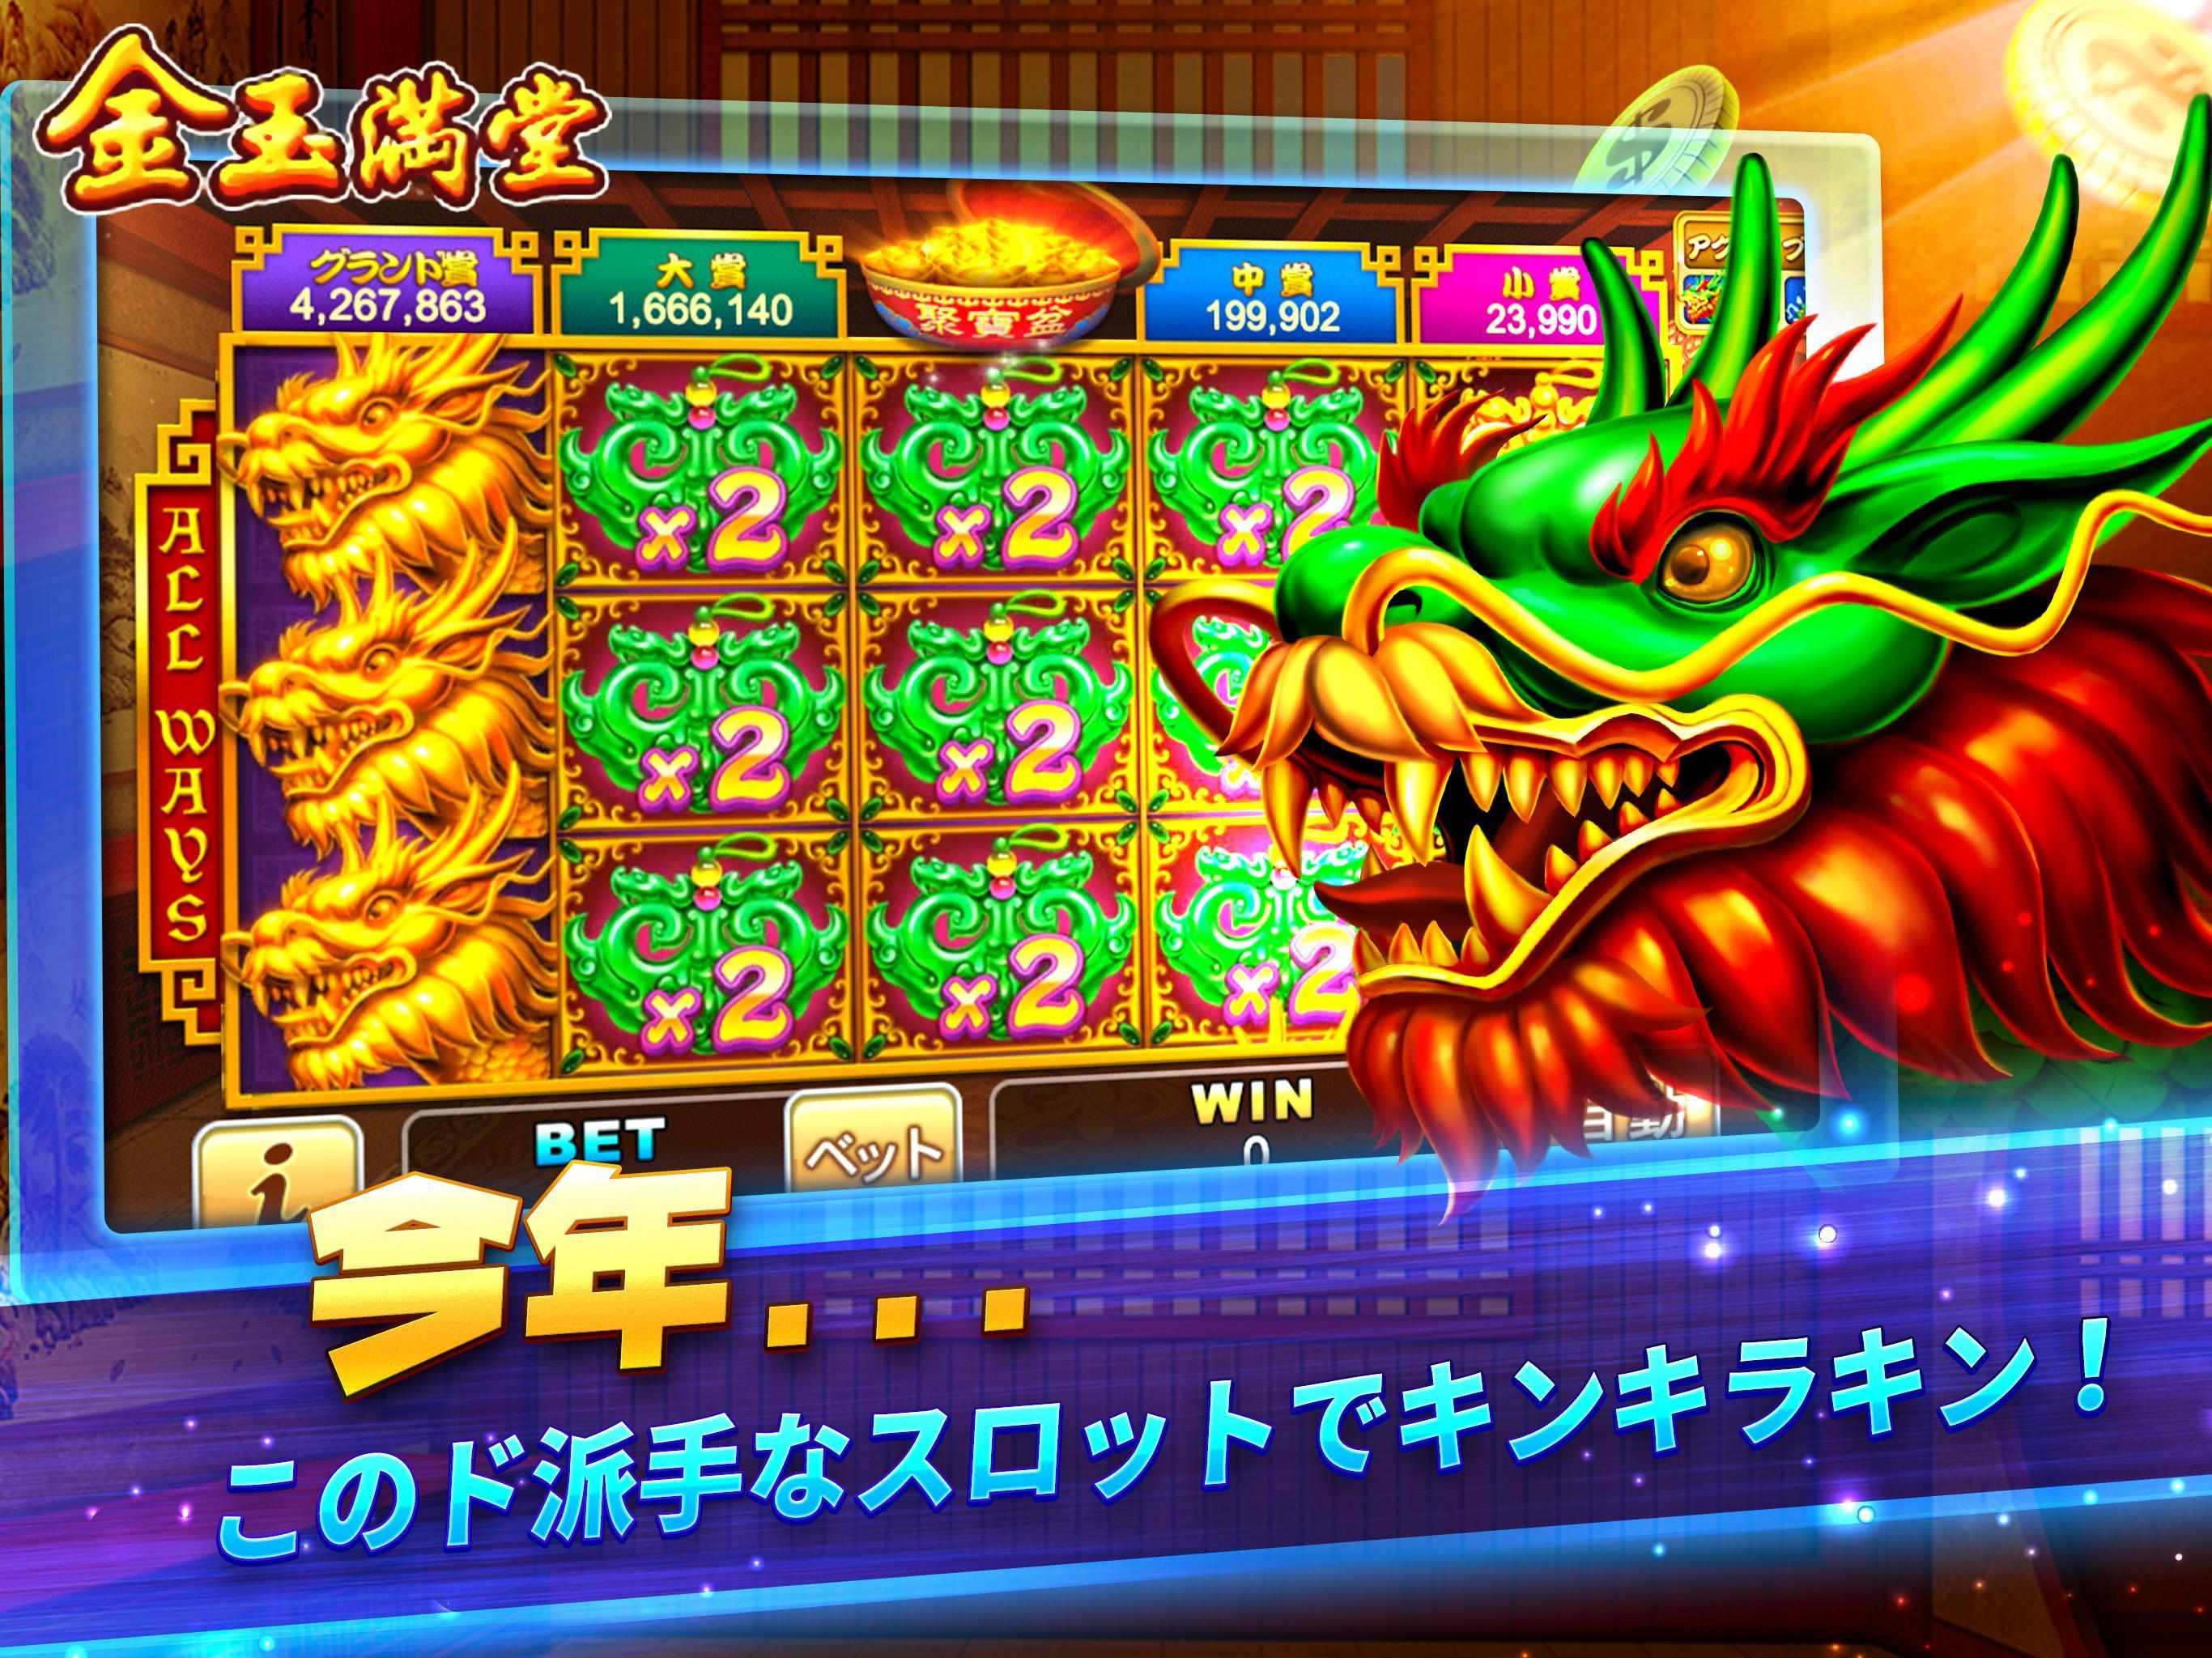 スーパーラッキーカジノ ~ オーシャンモンスター、スロット、サイコロ、ポーカー 3.14.1 Screenshot 21